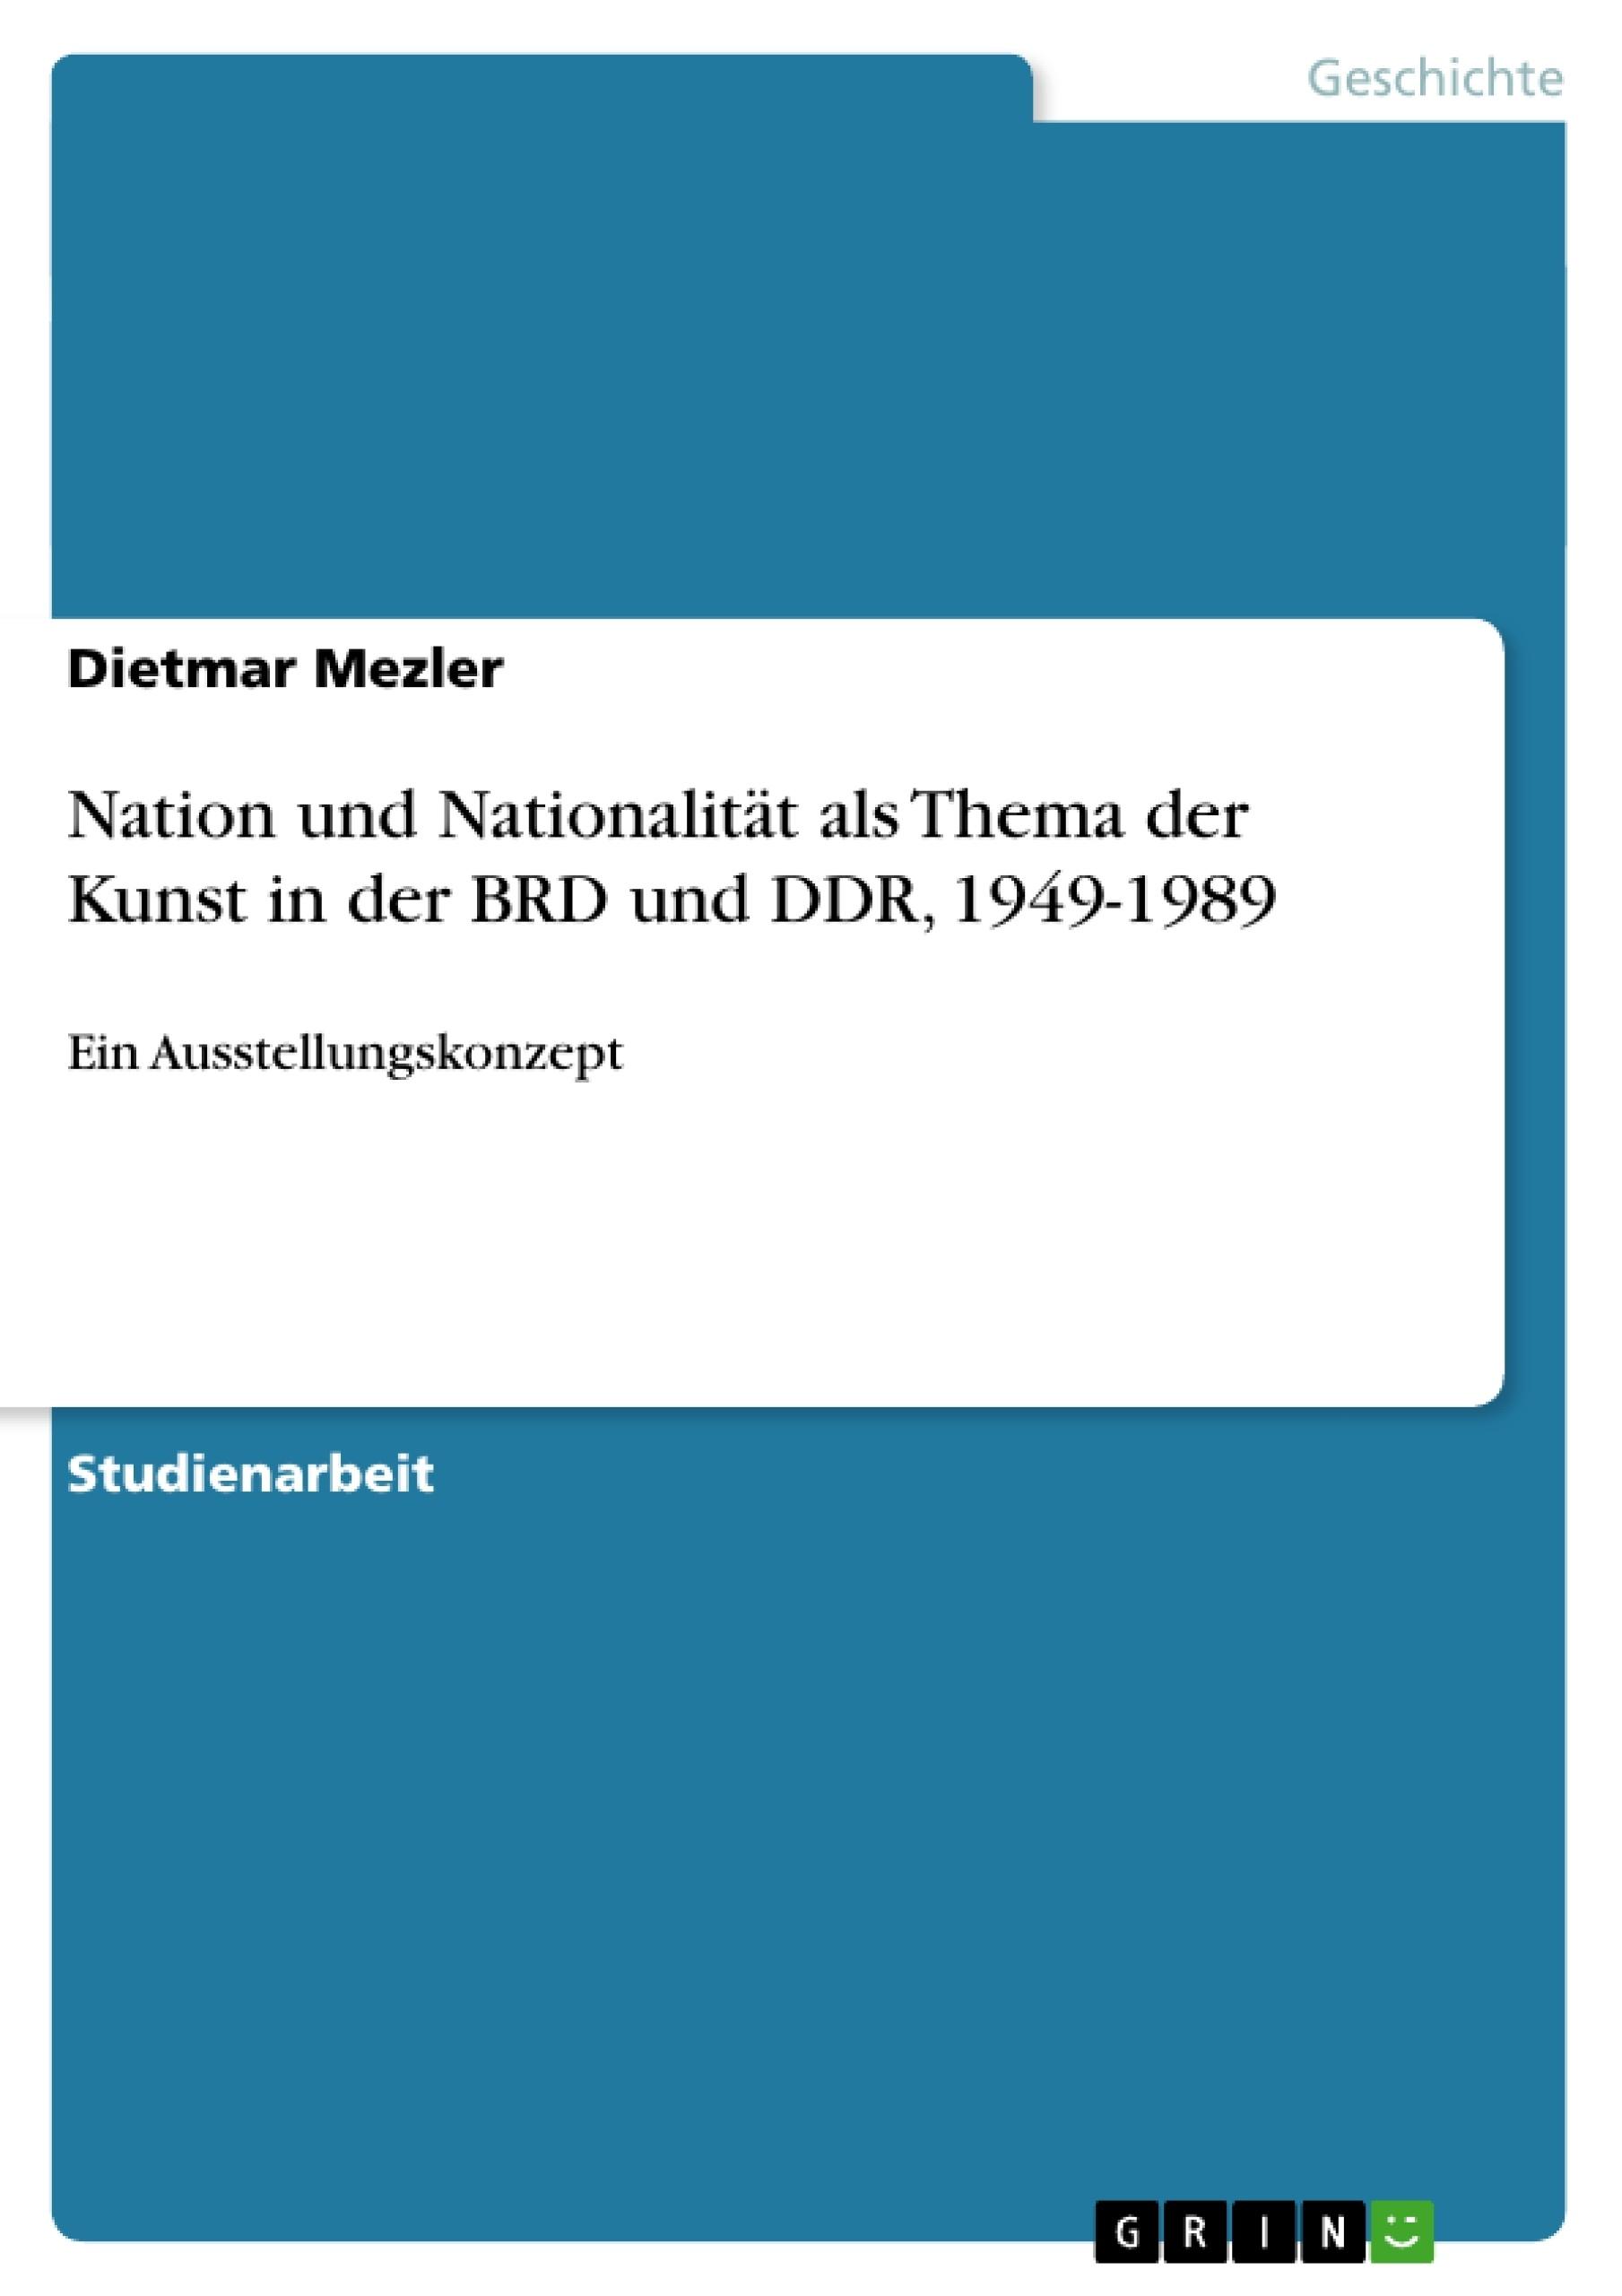 Titel: Nation und Nationalität als Thema der Kunst in der BRD und DDR, 1949-1989